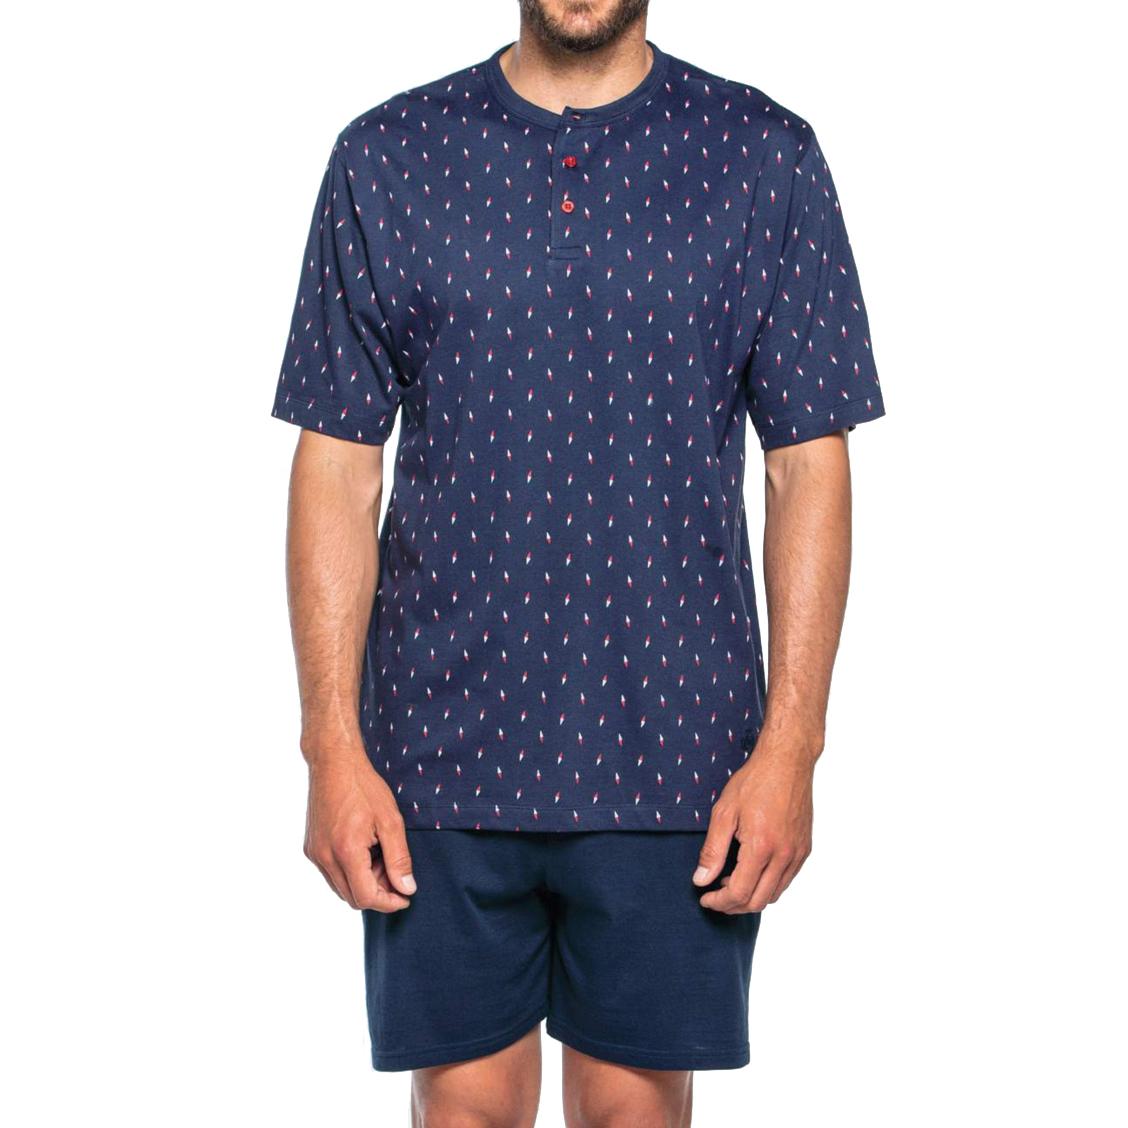 Pyjama court Guasch en coton : tee-shirt col tunisien bleu marine à motifs blancs et rouges et short bleu marine uni